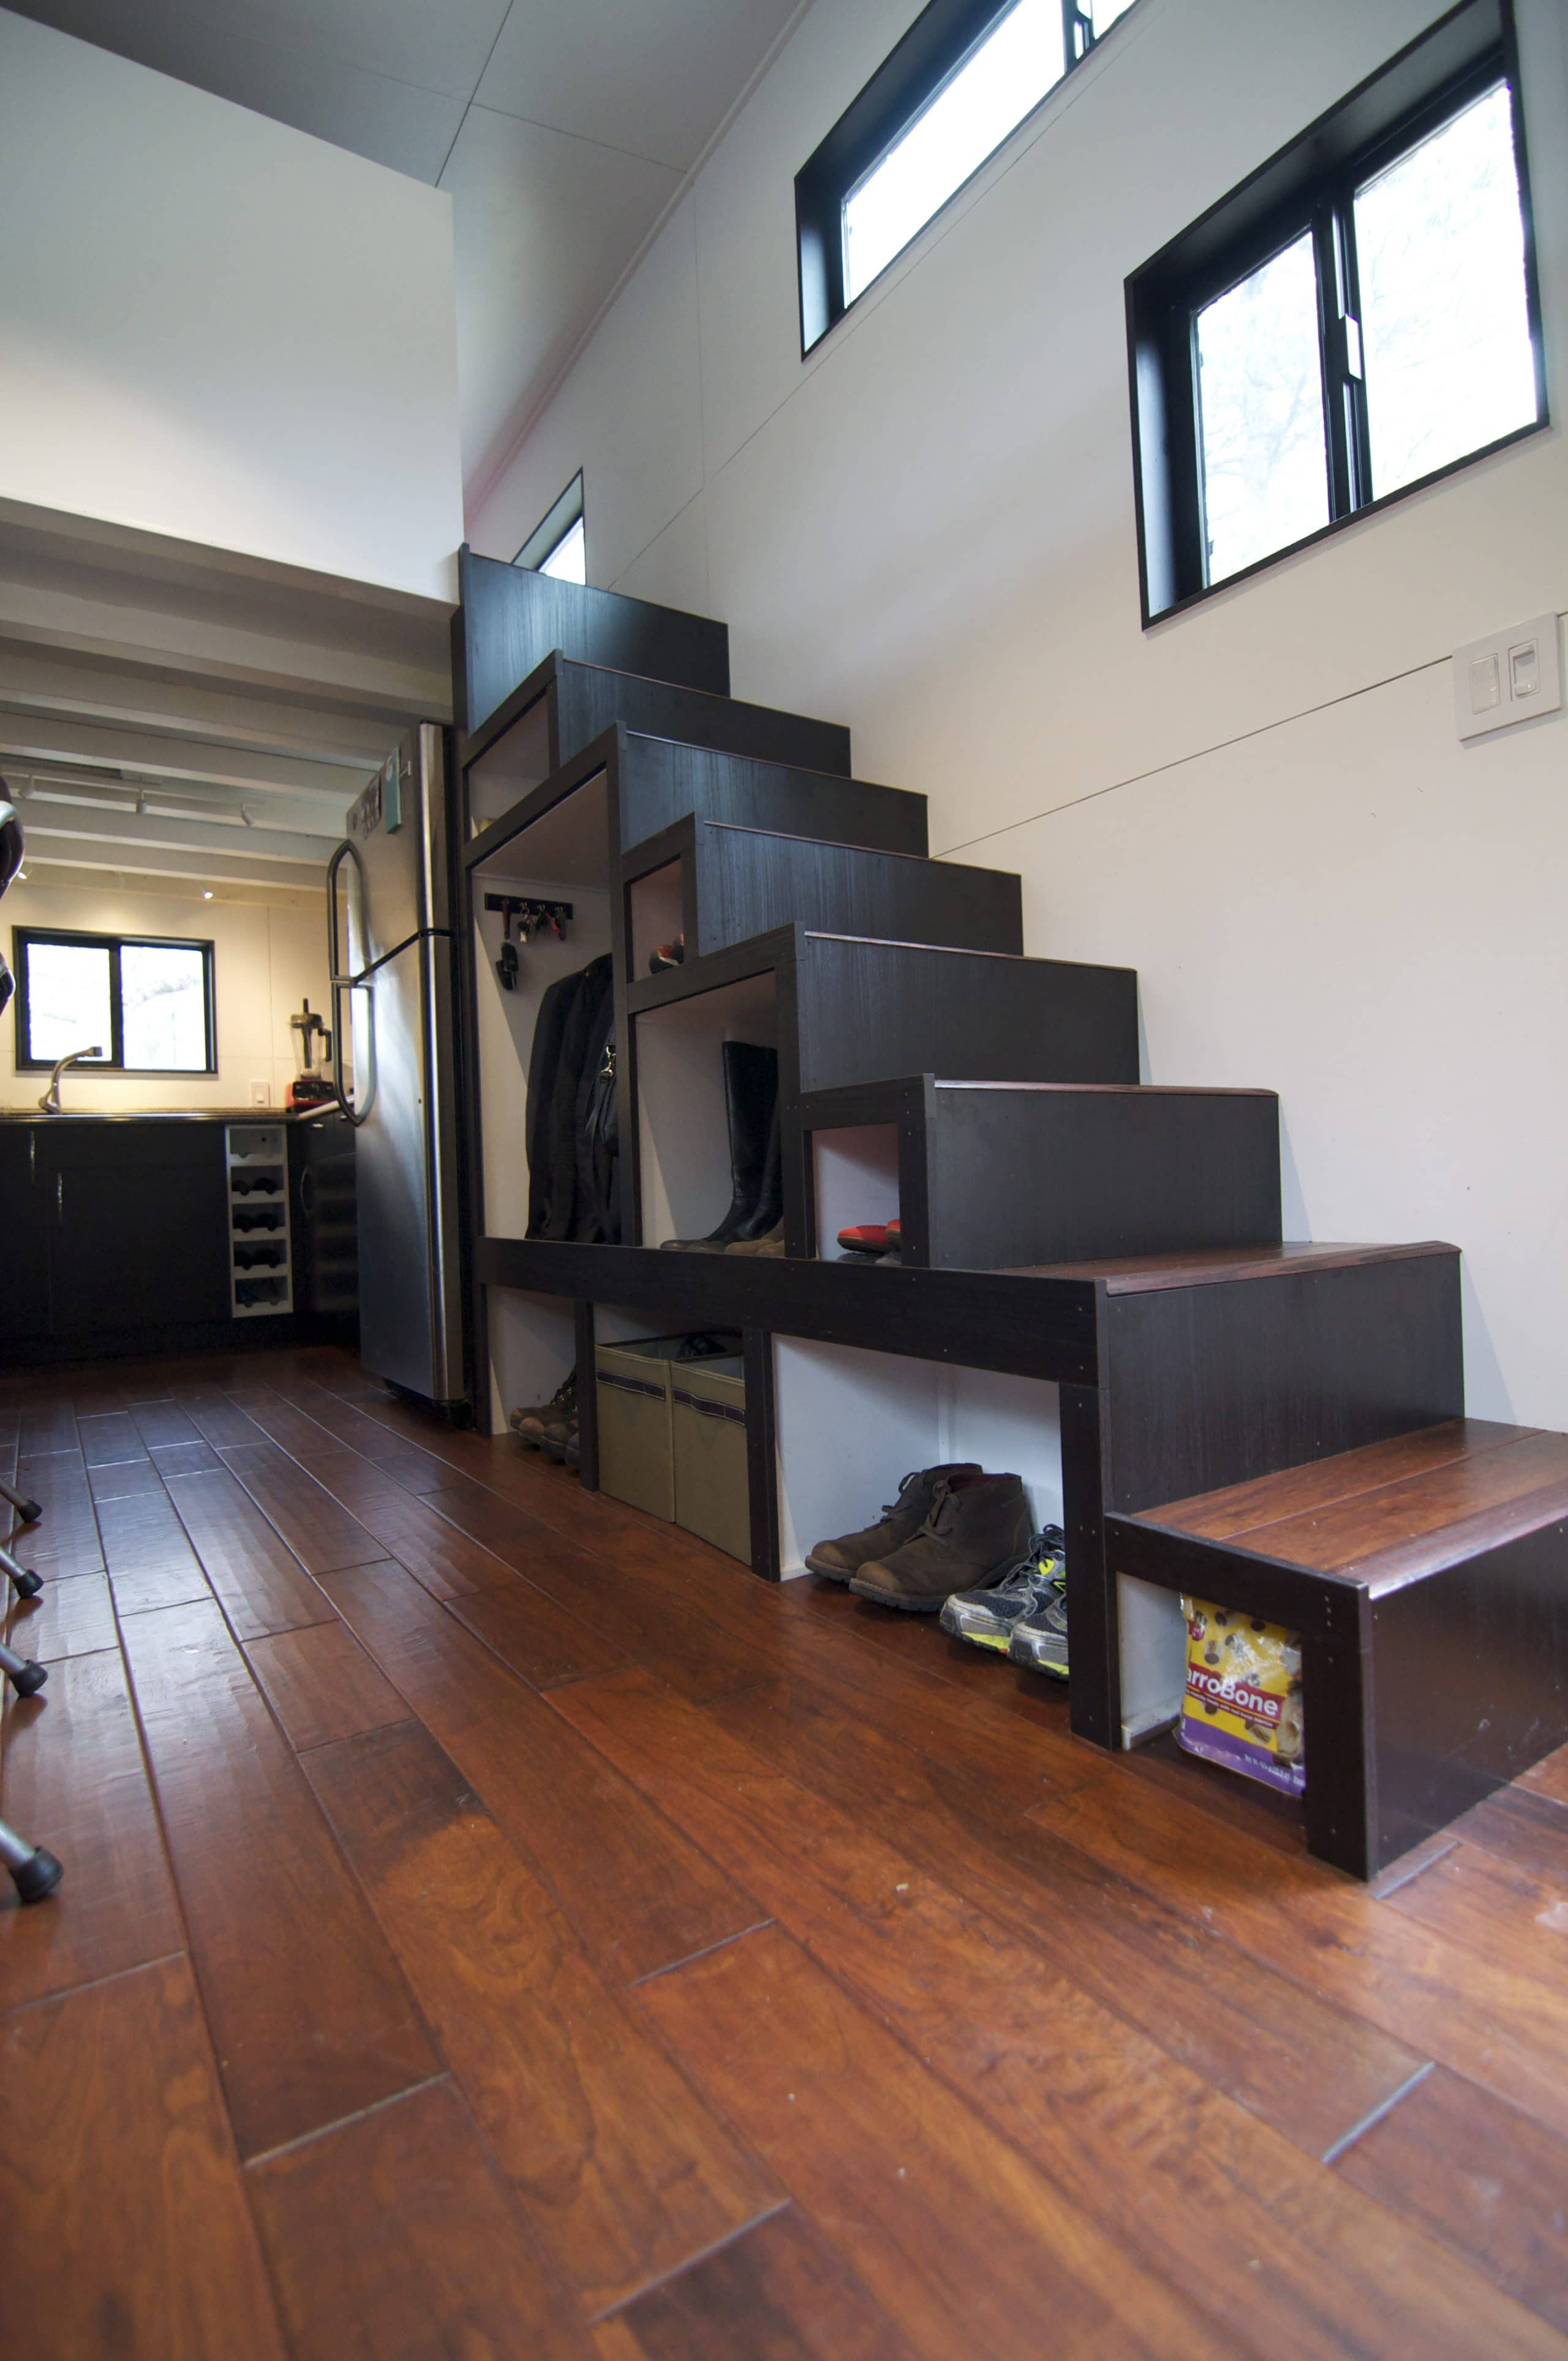 Dise o de casa muy peque a optimizando espacios for Tipos de escaleras para casas de 2 pisos